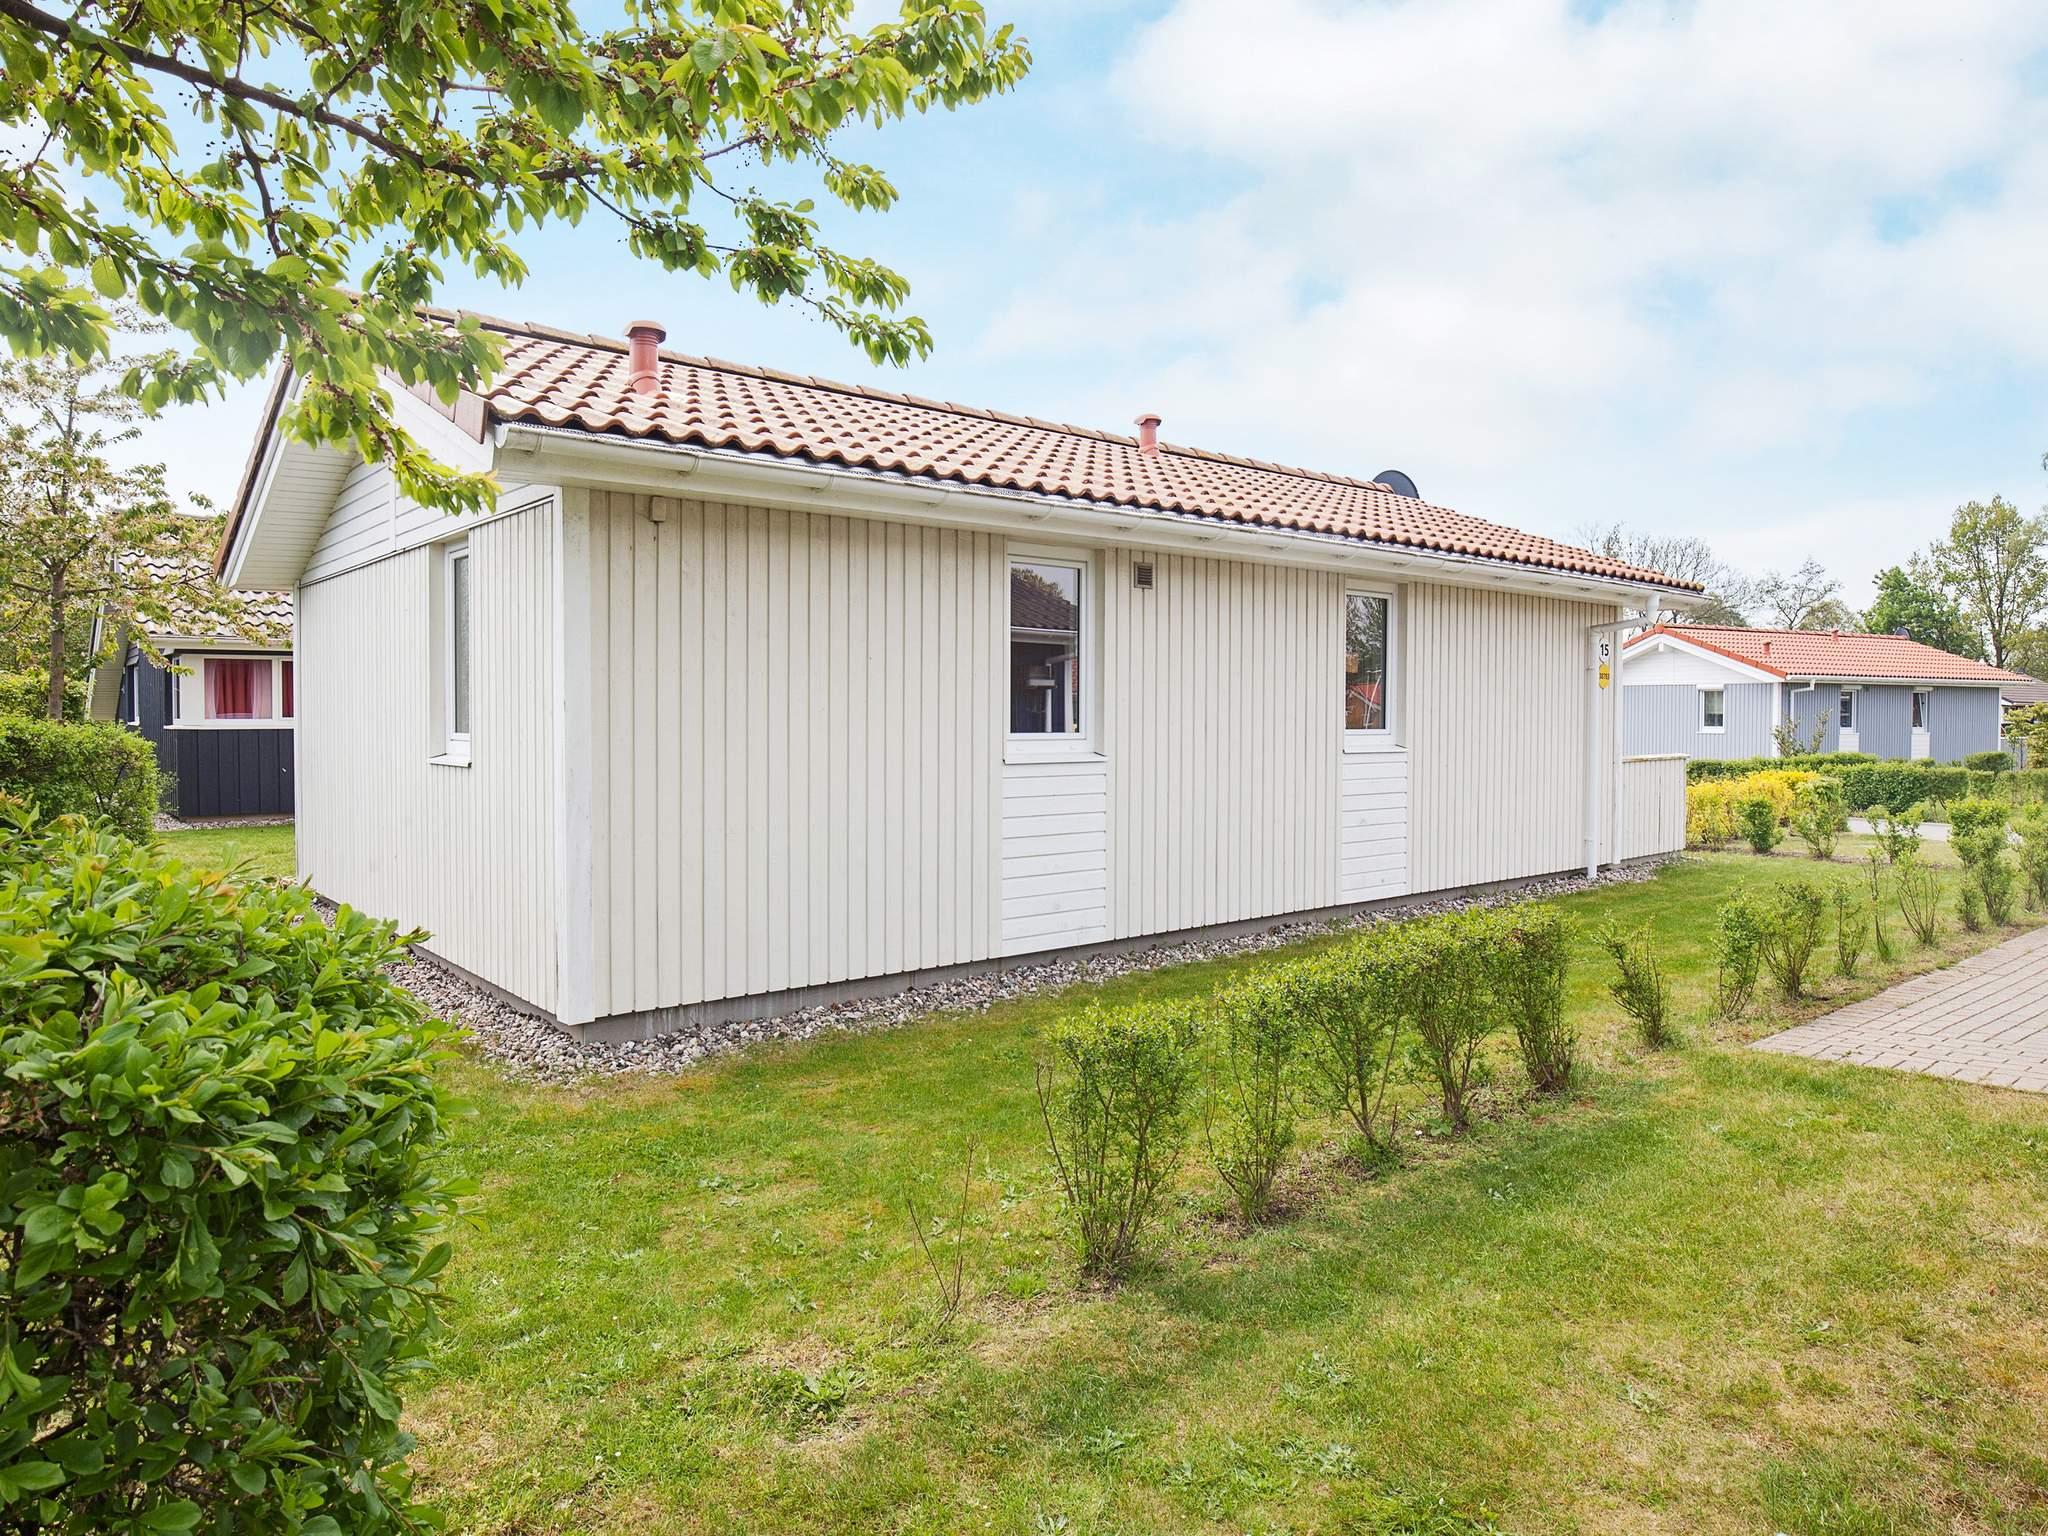 Maison de vacances Grömitz (436444), Grömitz, Baie de Lübeck, Schleswig-Holstein, Allemagne, image 12